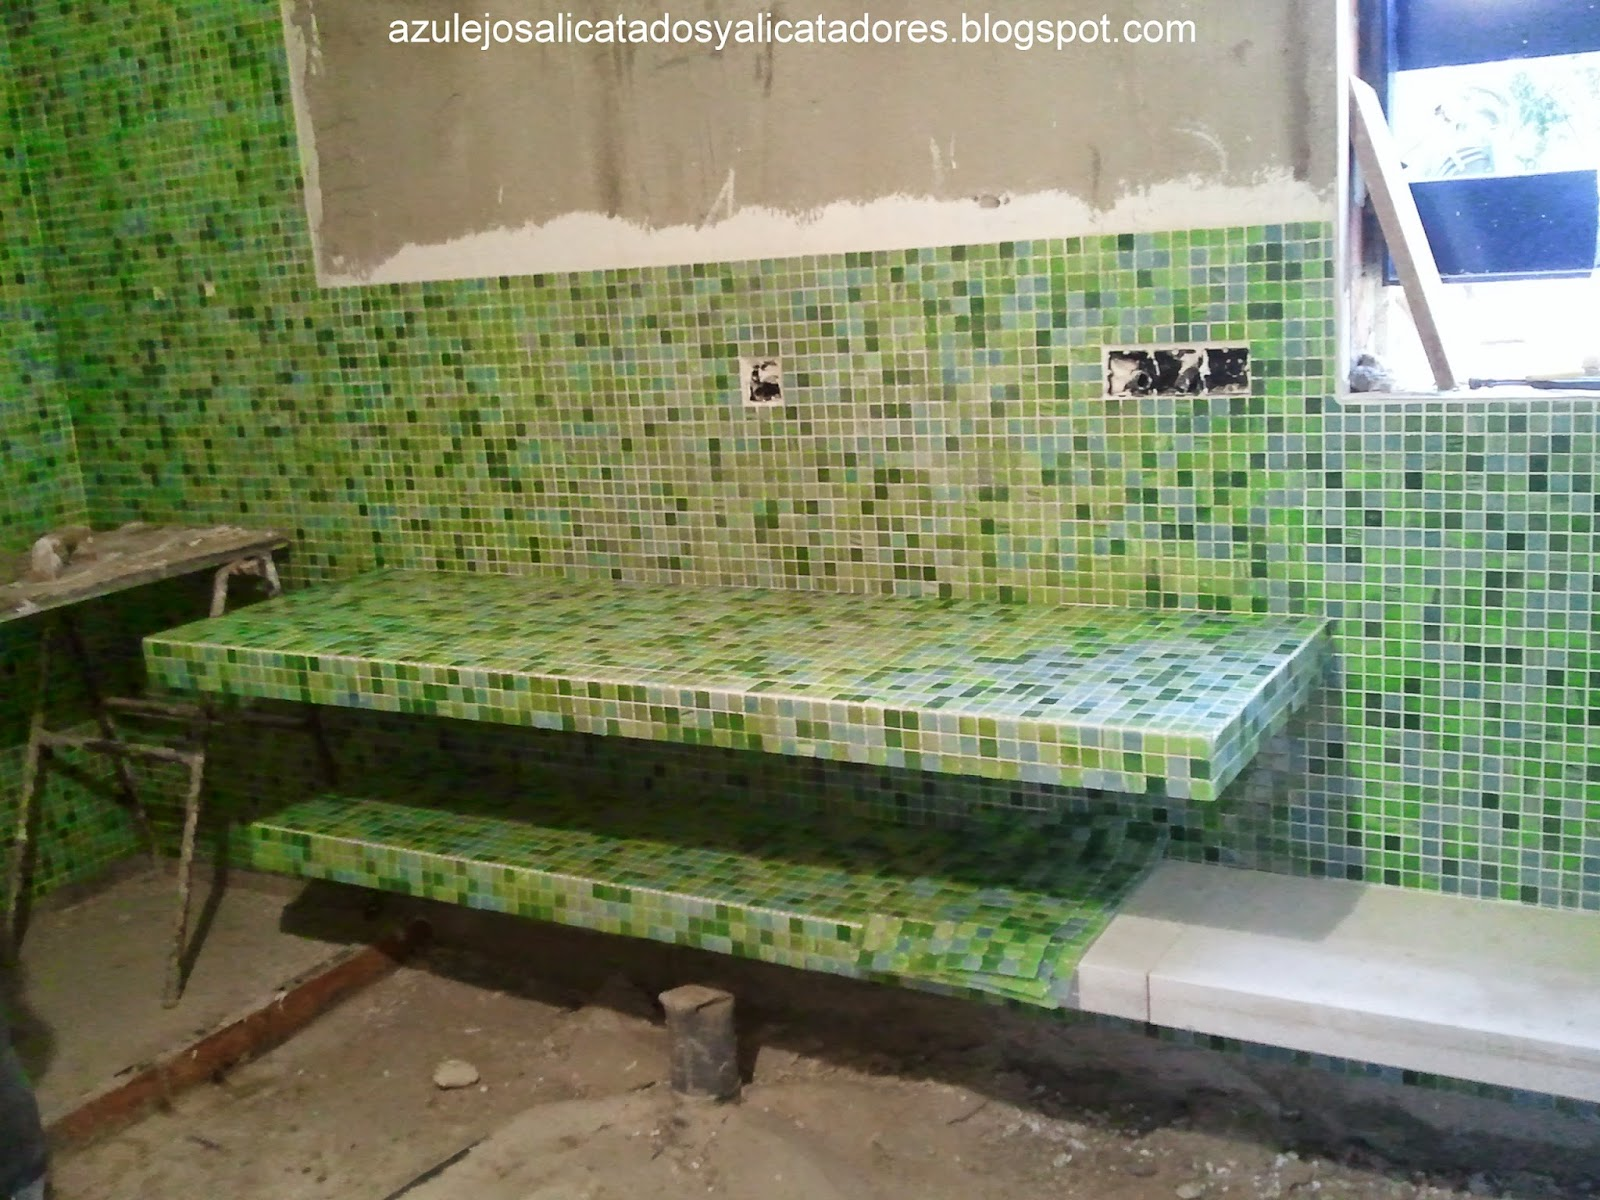 Azulejos Baño Lechada Cemento:AZULEJOS, ALICATADOS Y ALICATADORES: porcelanico